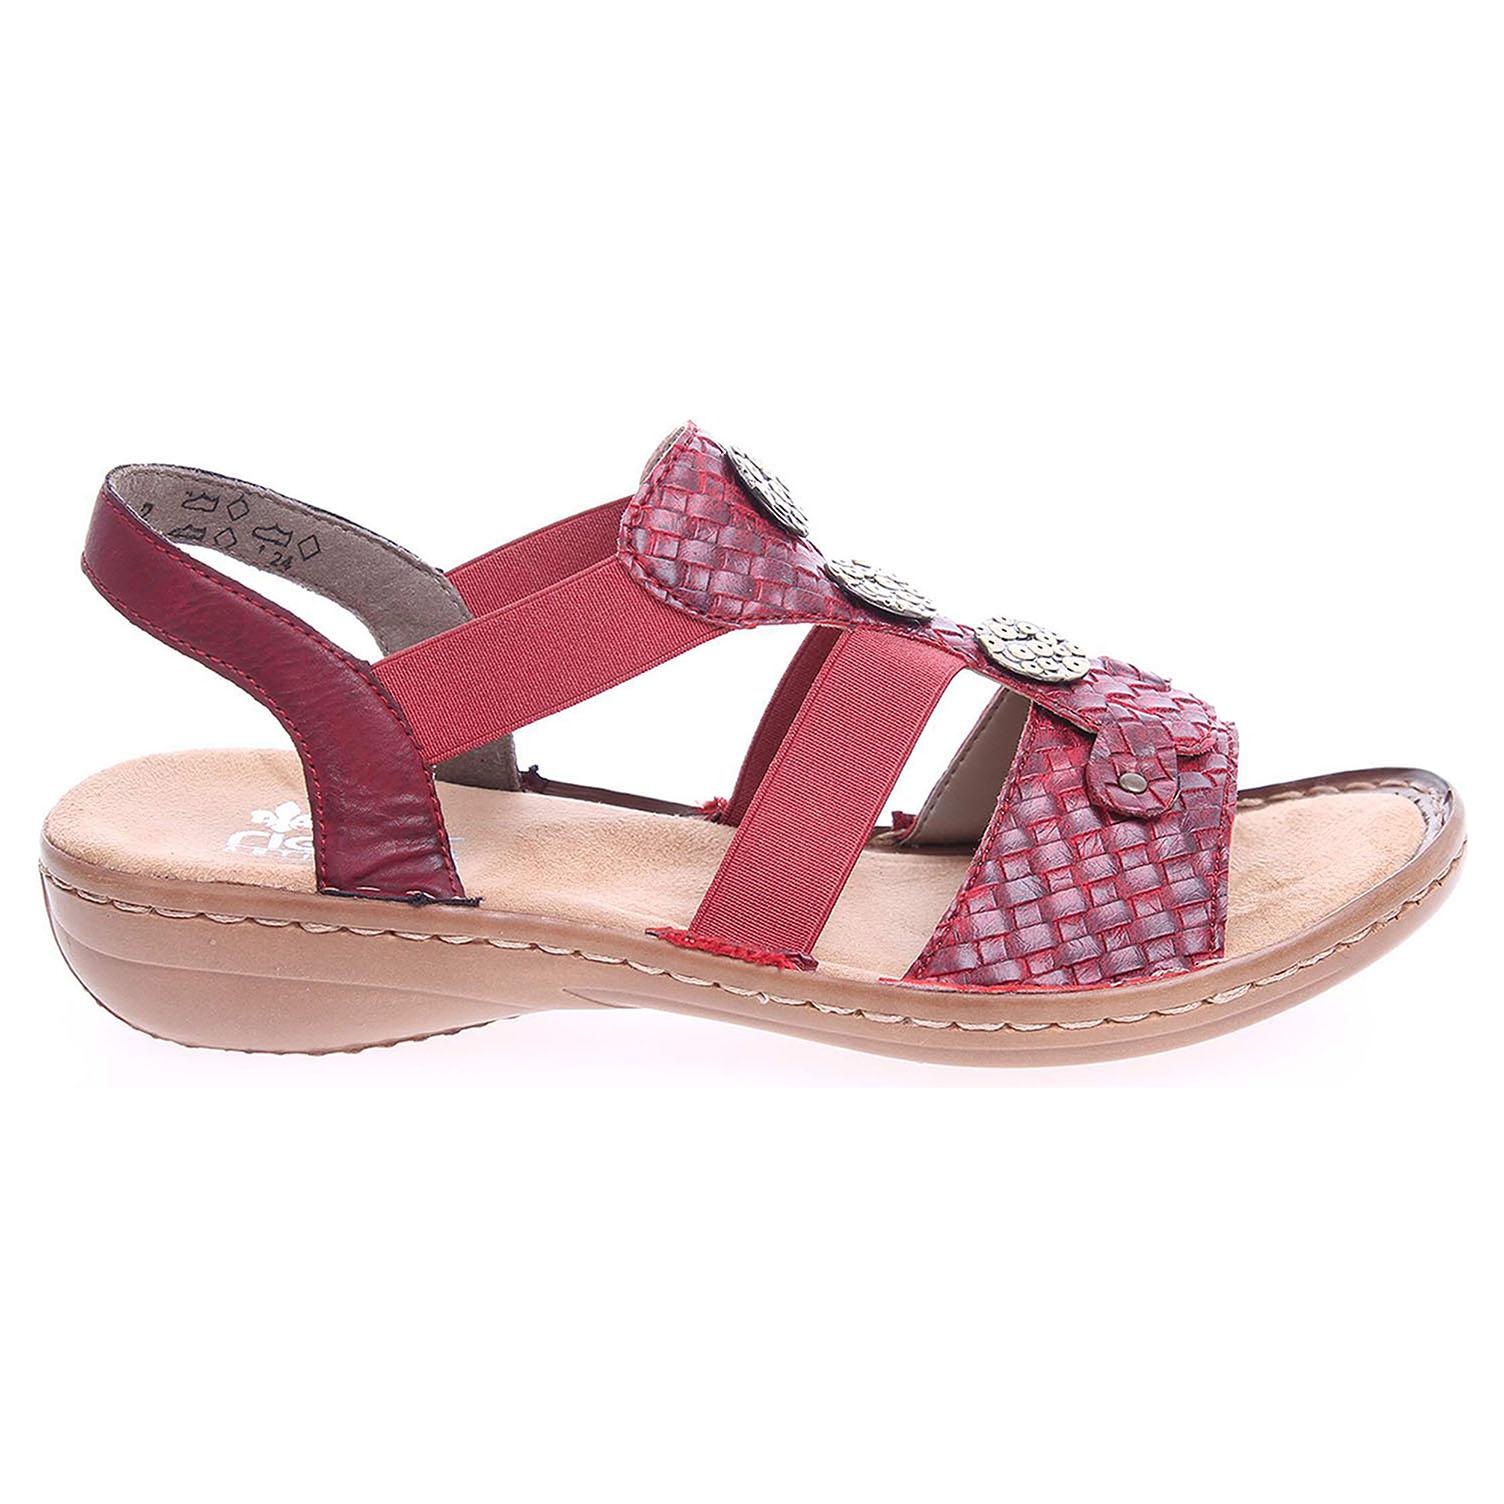 Rieker dámské sandály 608B4-35 červené 36 červená červená